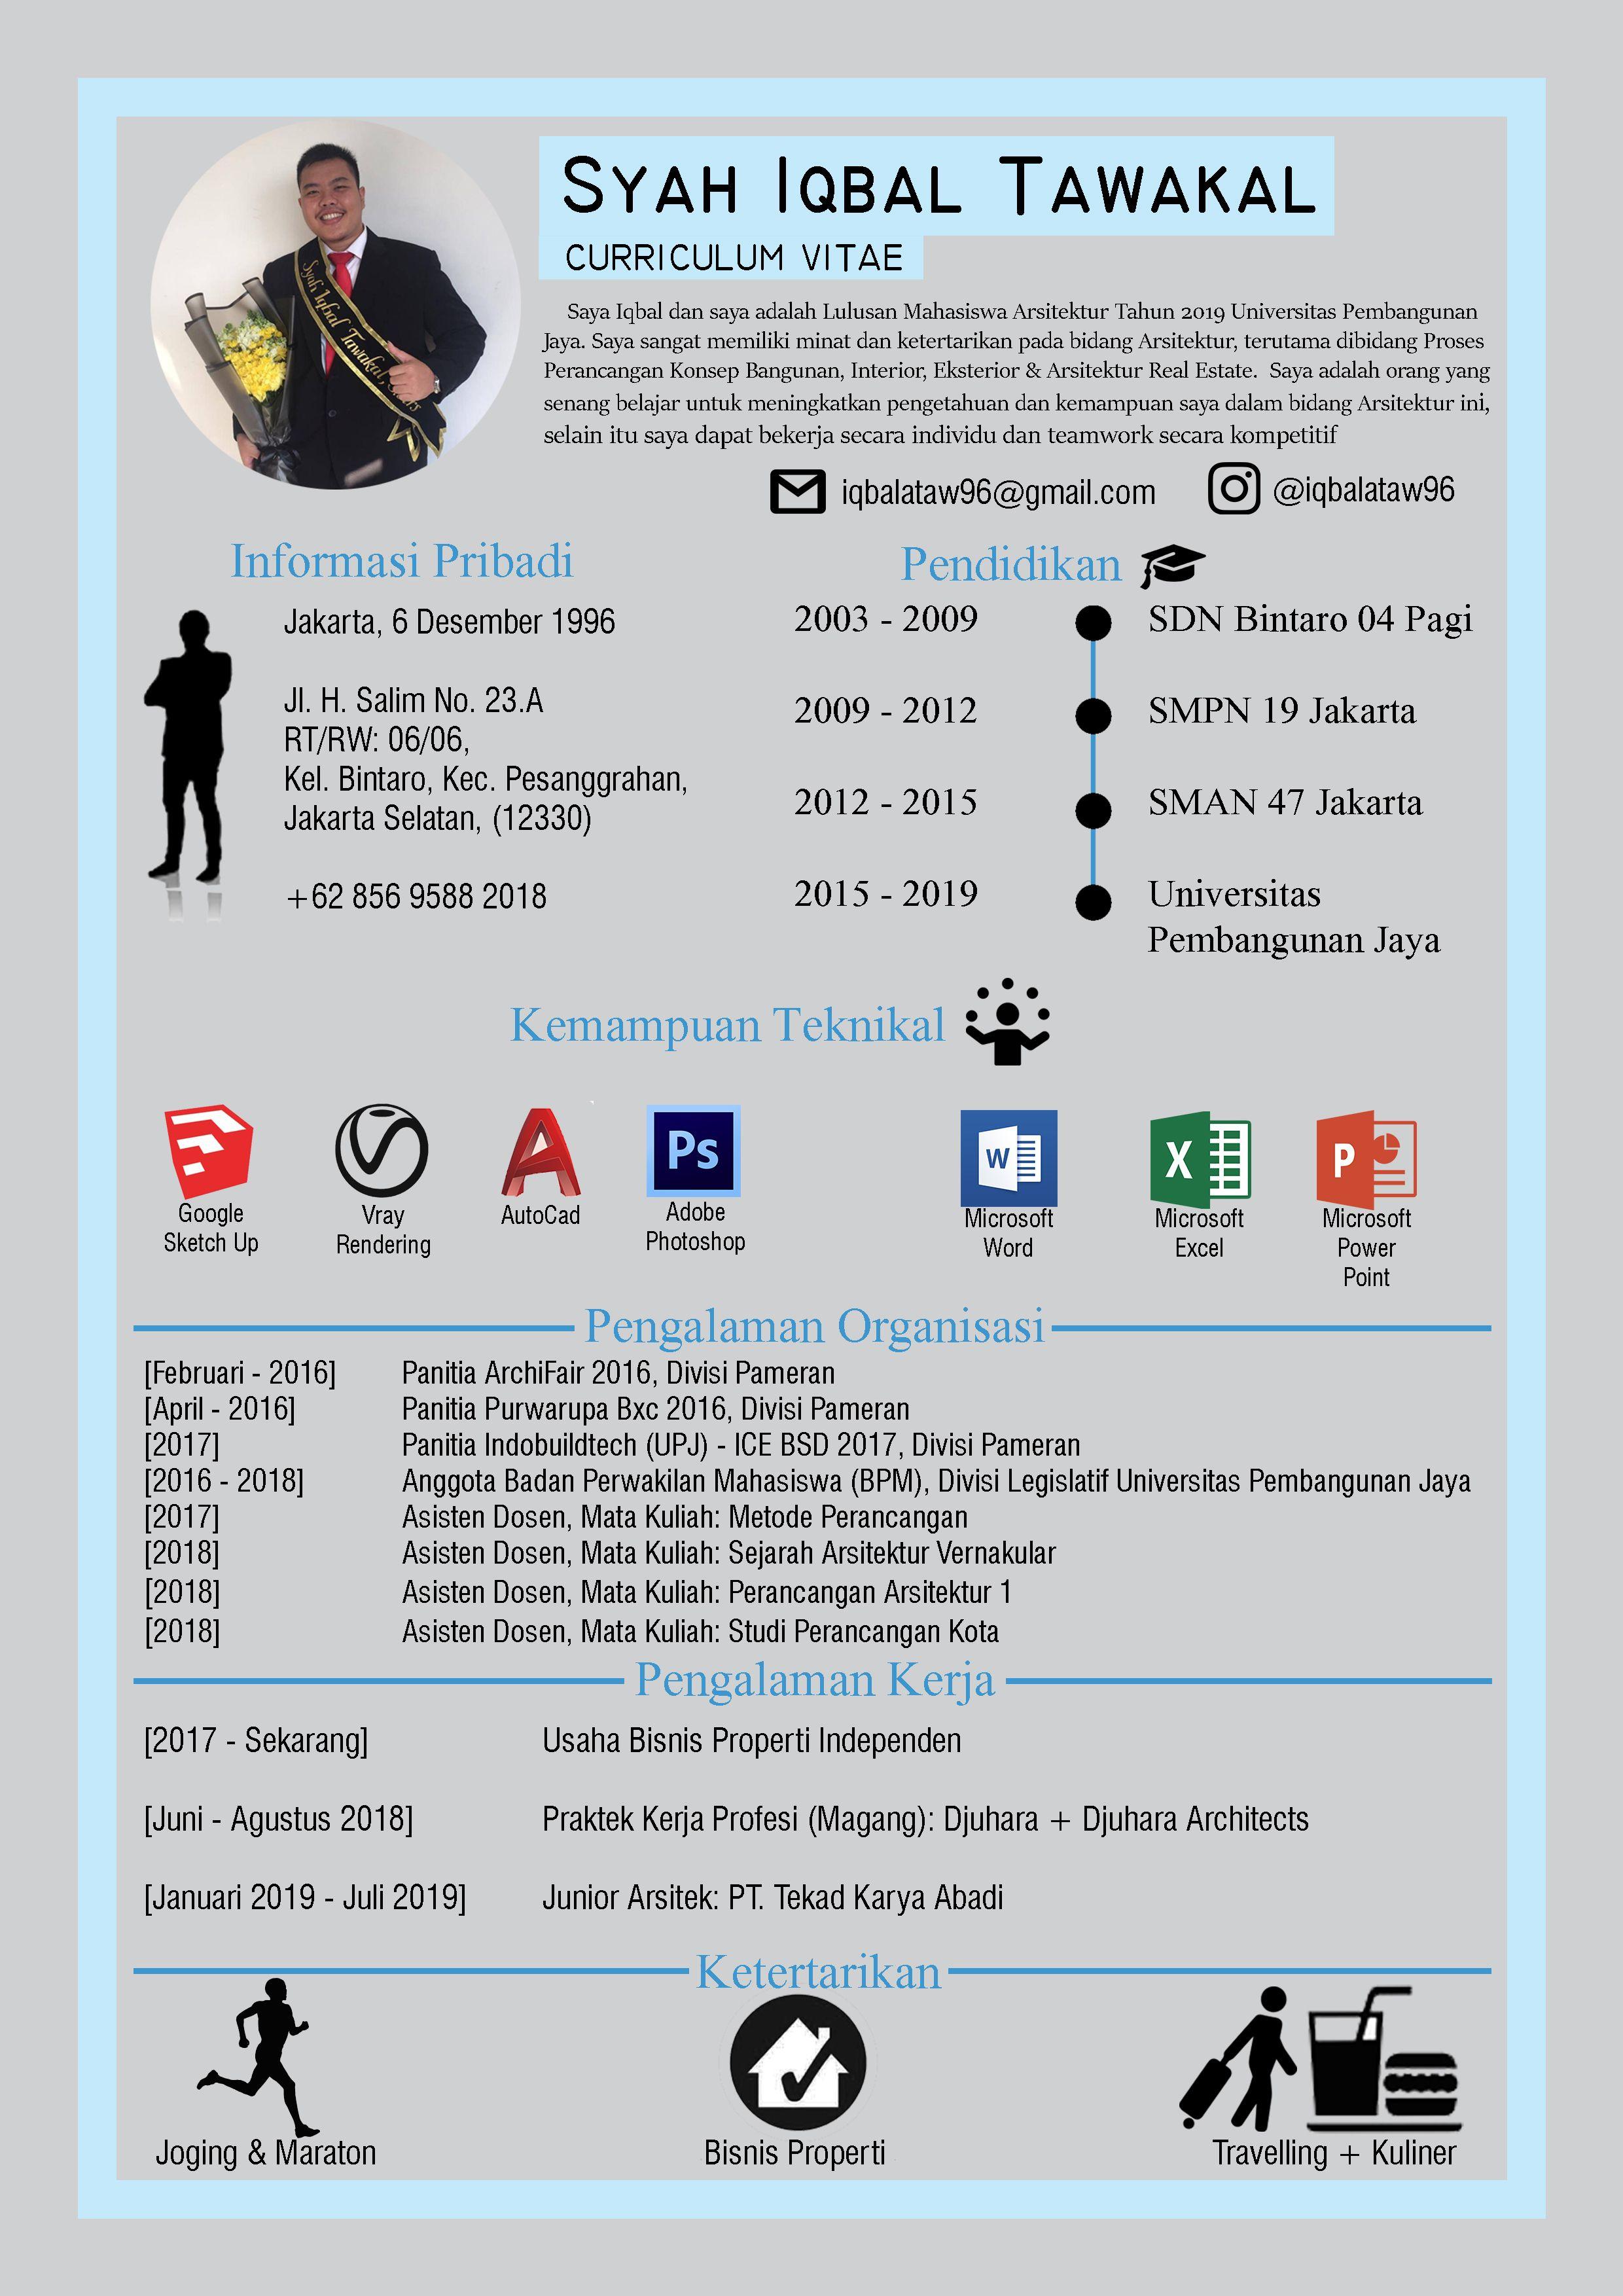 Indonesian Curriculum Vitae Mahasiswa, Pengetahuan, Belajar